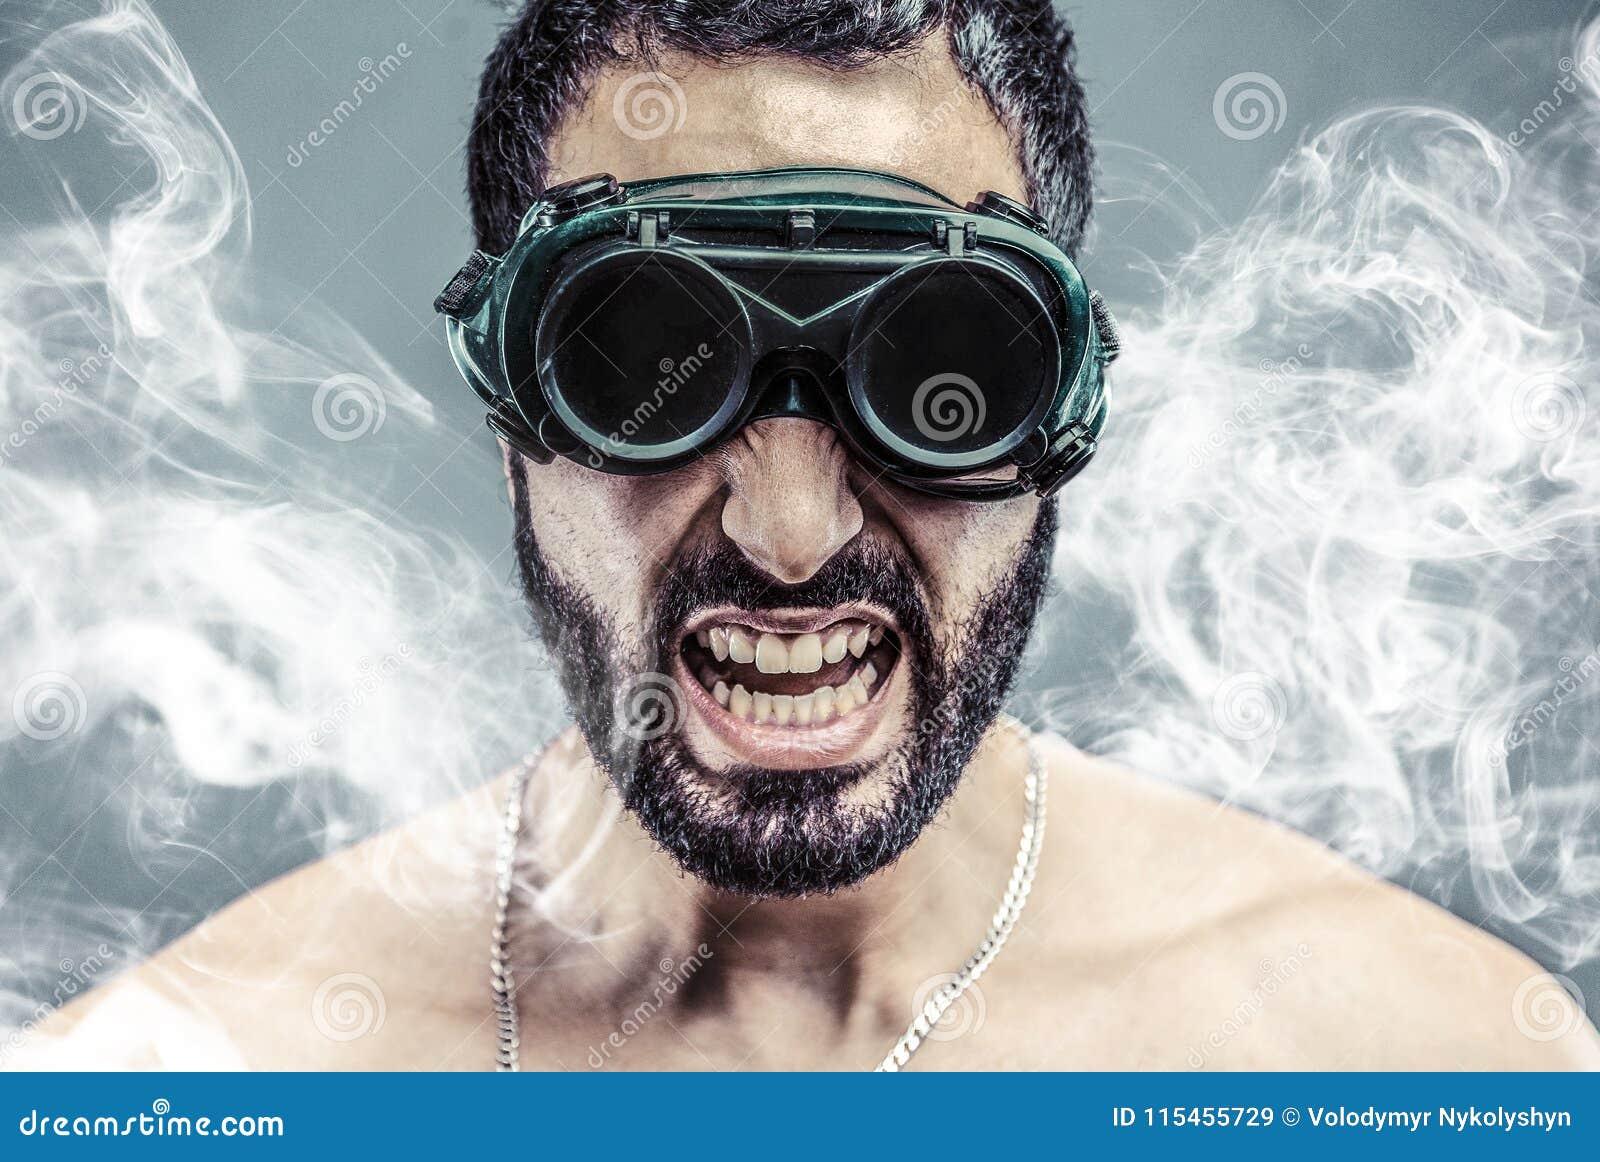 Bearded Man in Smoke